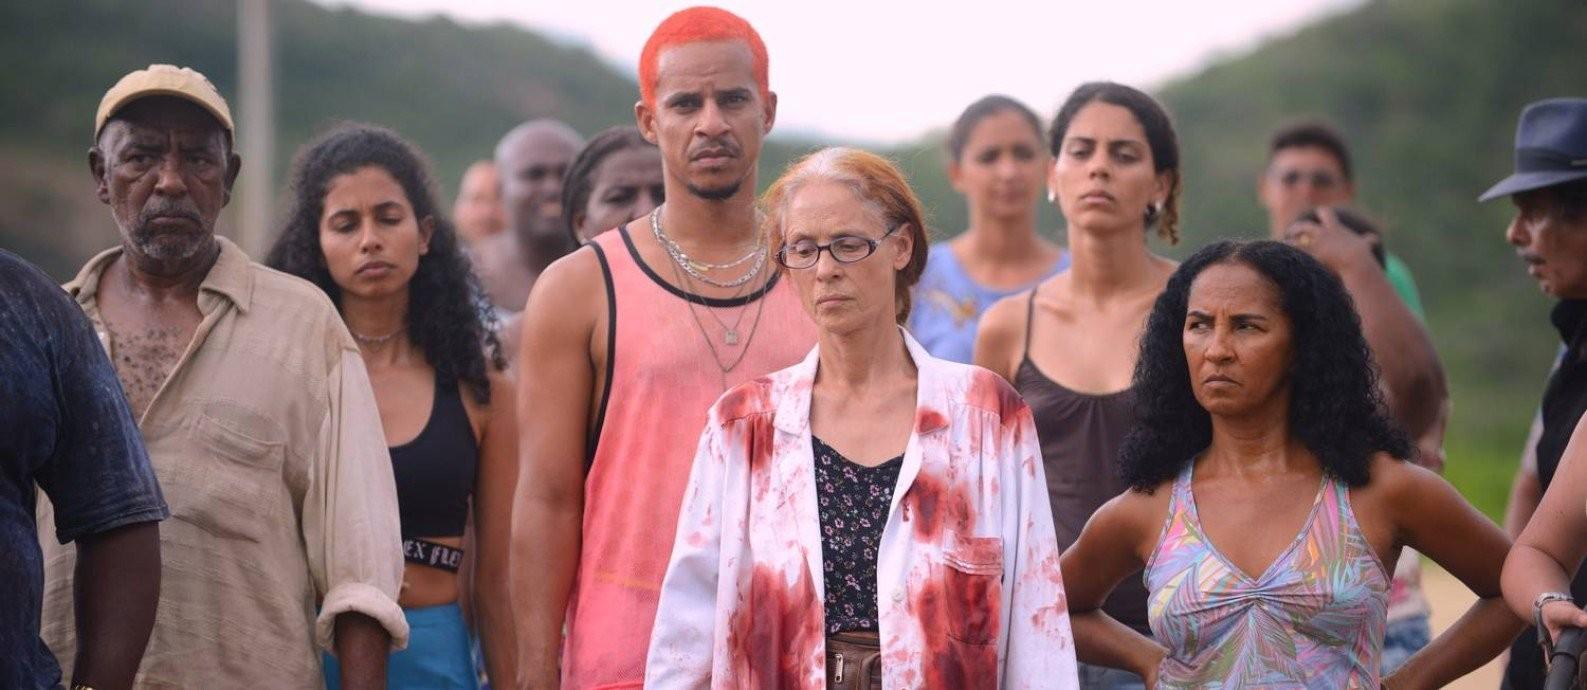 """Premiado, """"Bacurau"""" é exibido gratuitamente em Maringá nesta quinta (28)"""